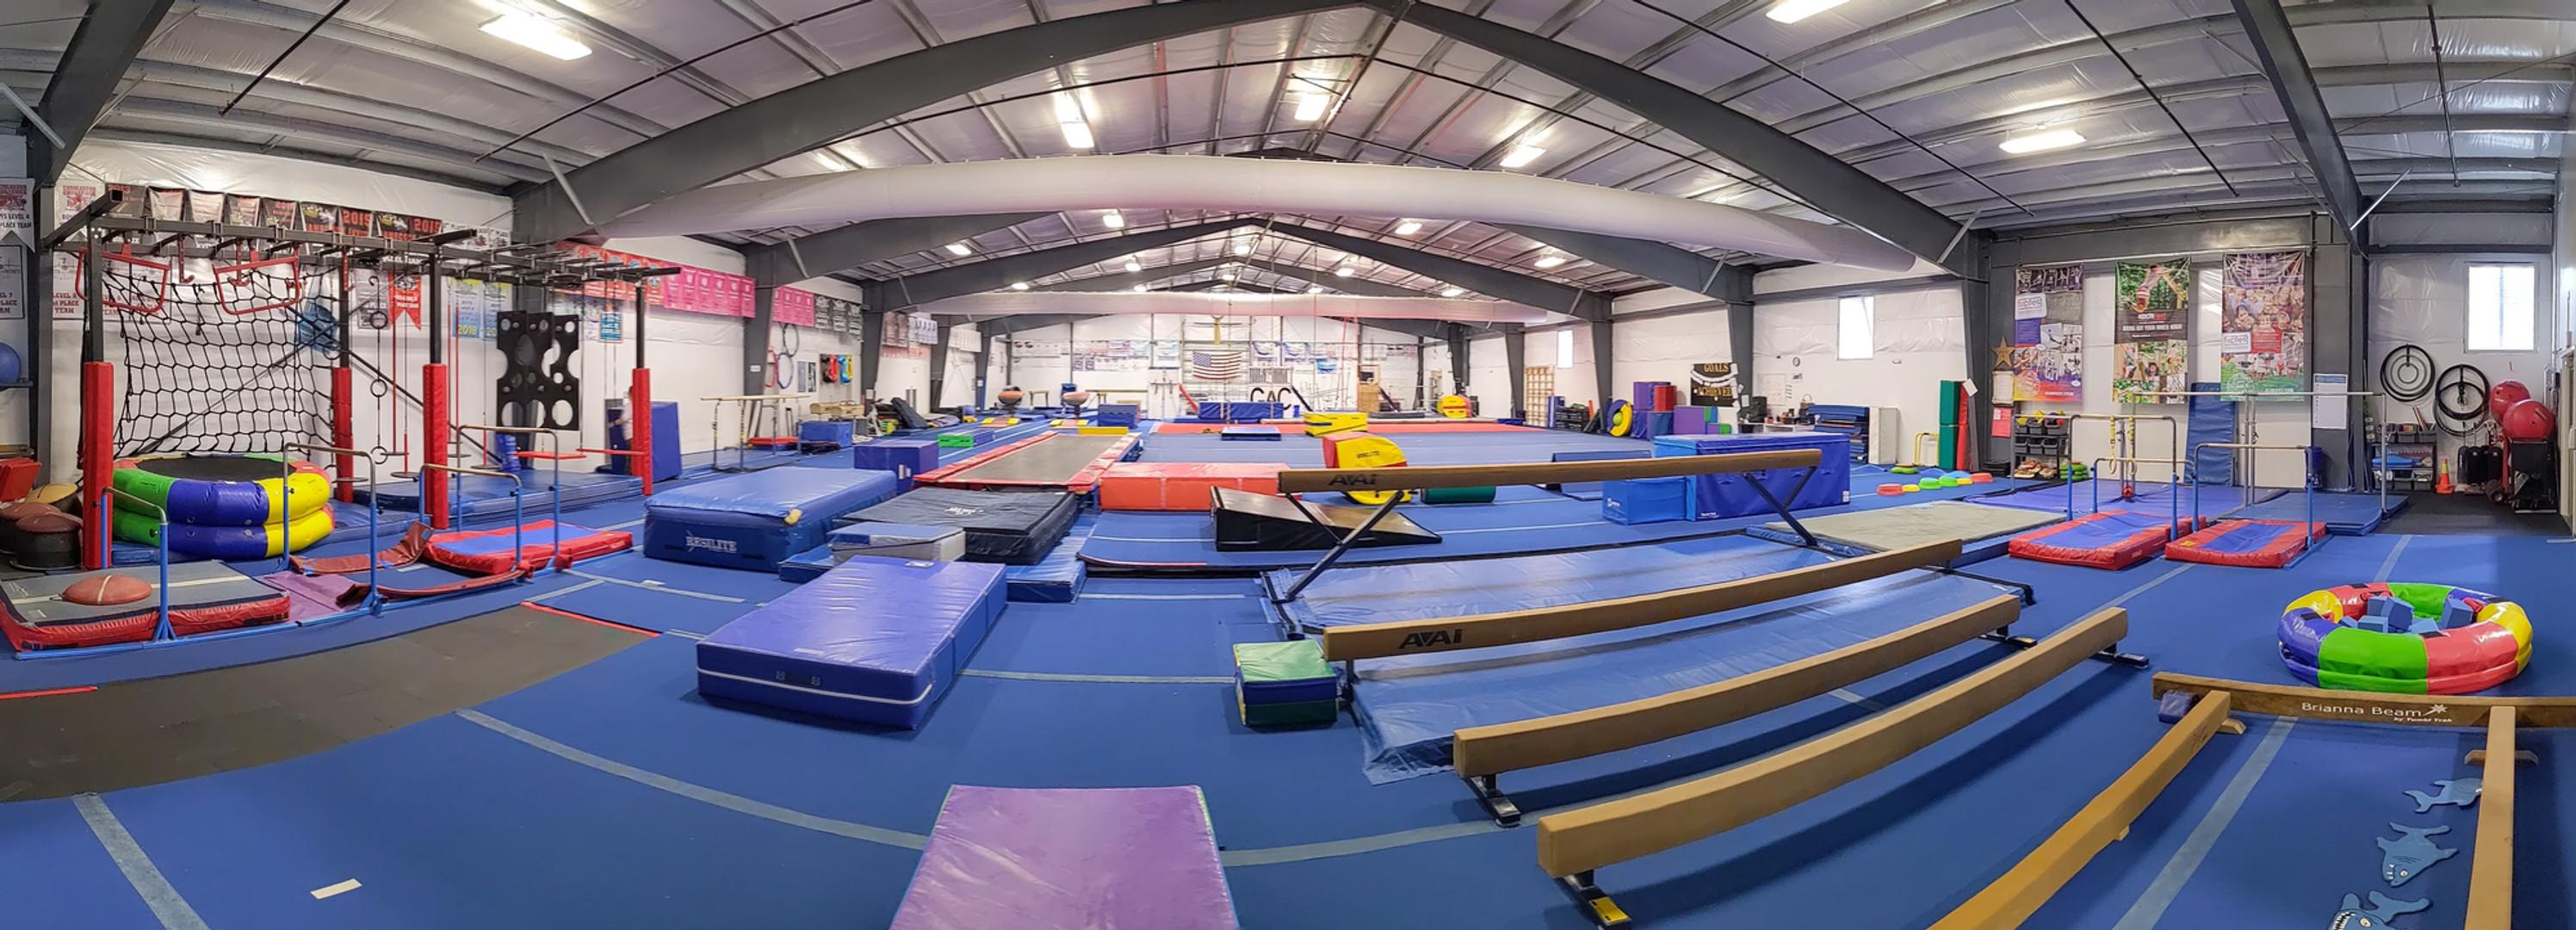 GAC Inside Panorama.jpg